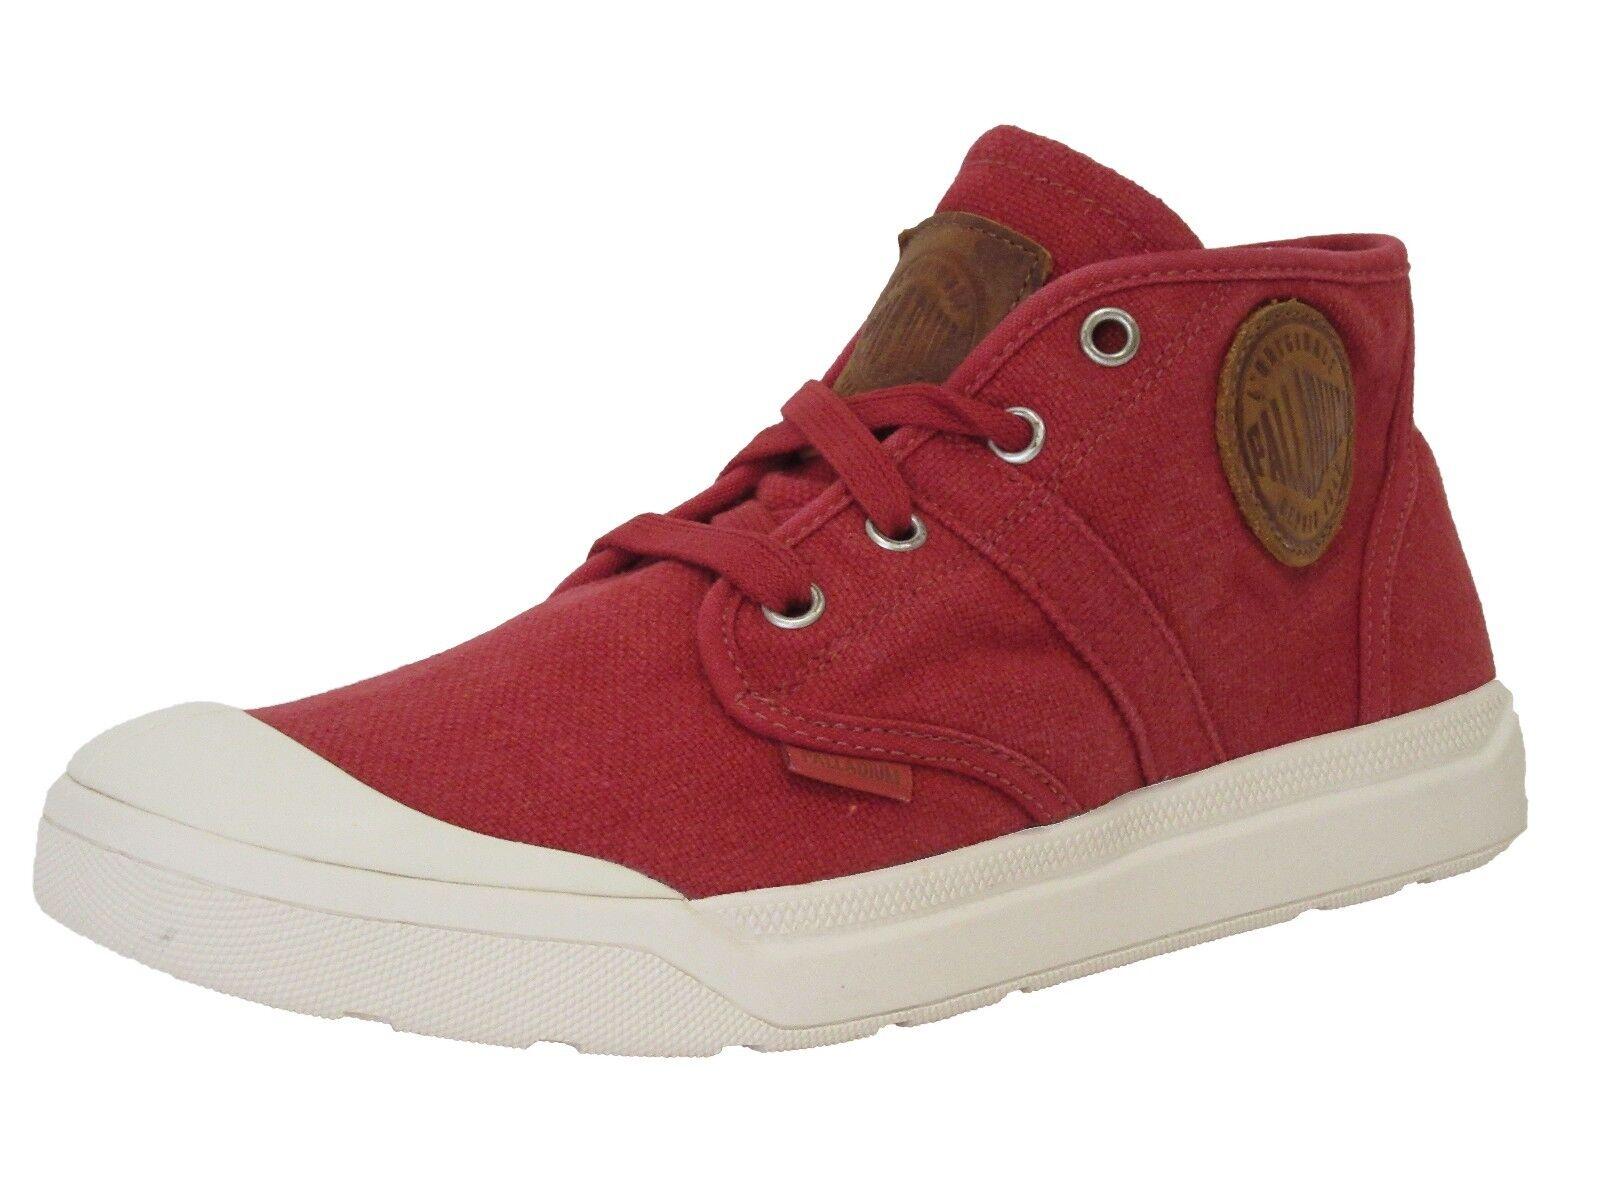 Palladium Pallarue Mid Lc Mens Canvas Sneakers shoes 12 D(M) US   46 EUR